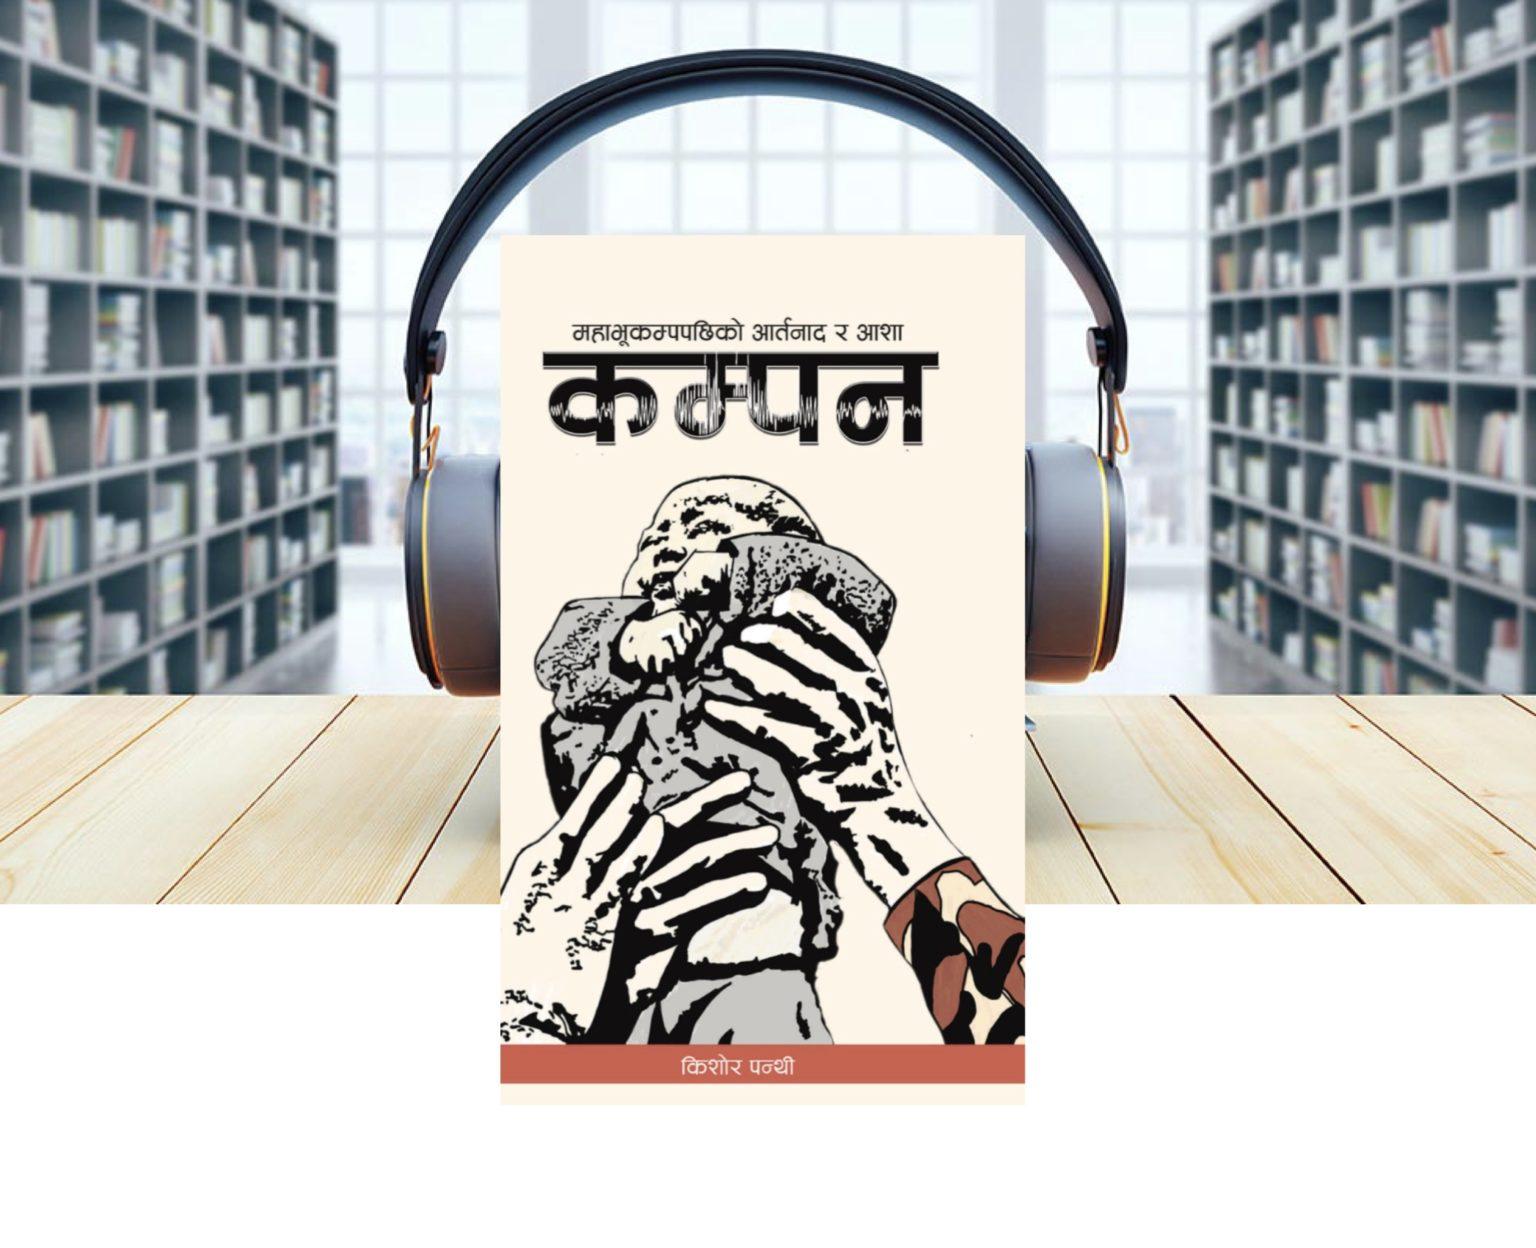 पत्रकार पन्थीको 'कम्पन' अडिबल, अमेजन र आईट्युनमा पहिलो नेपाली अडियोबुकका रुपमा